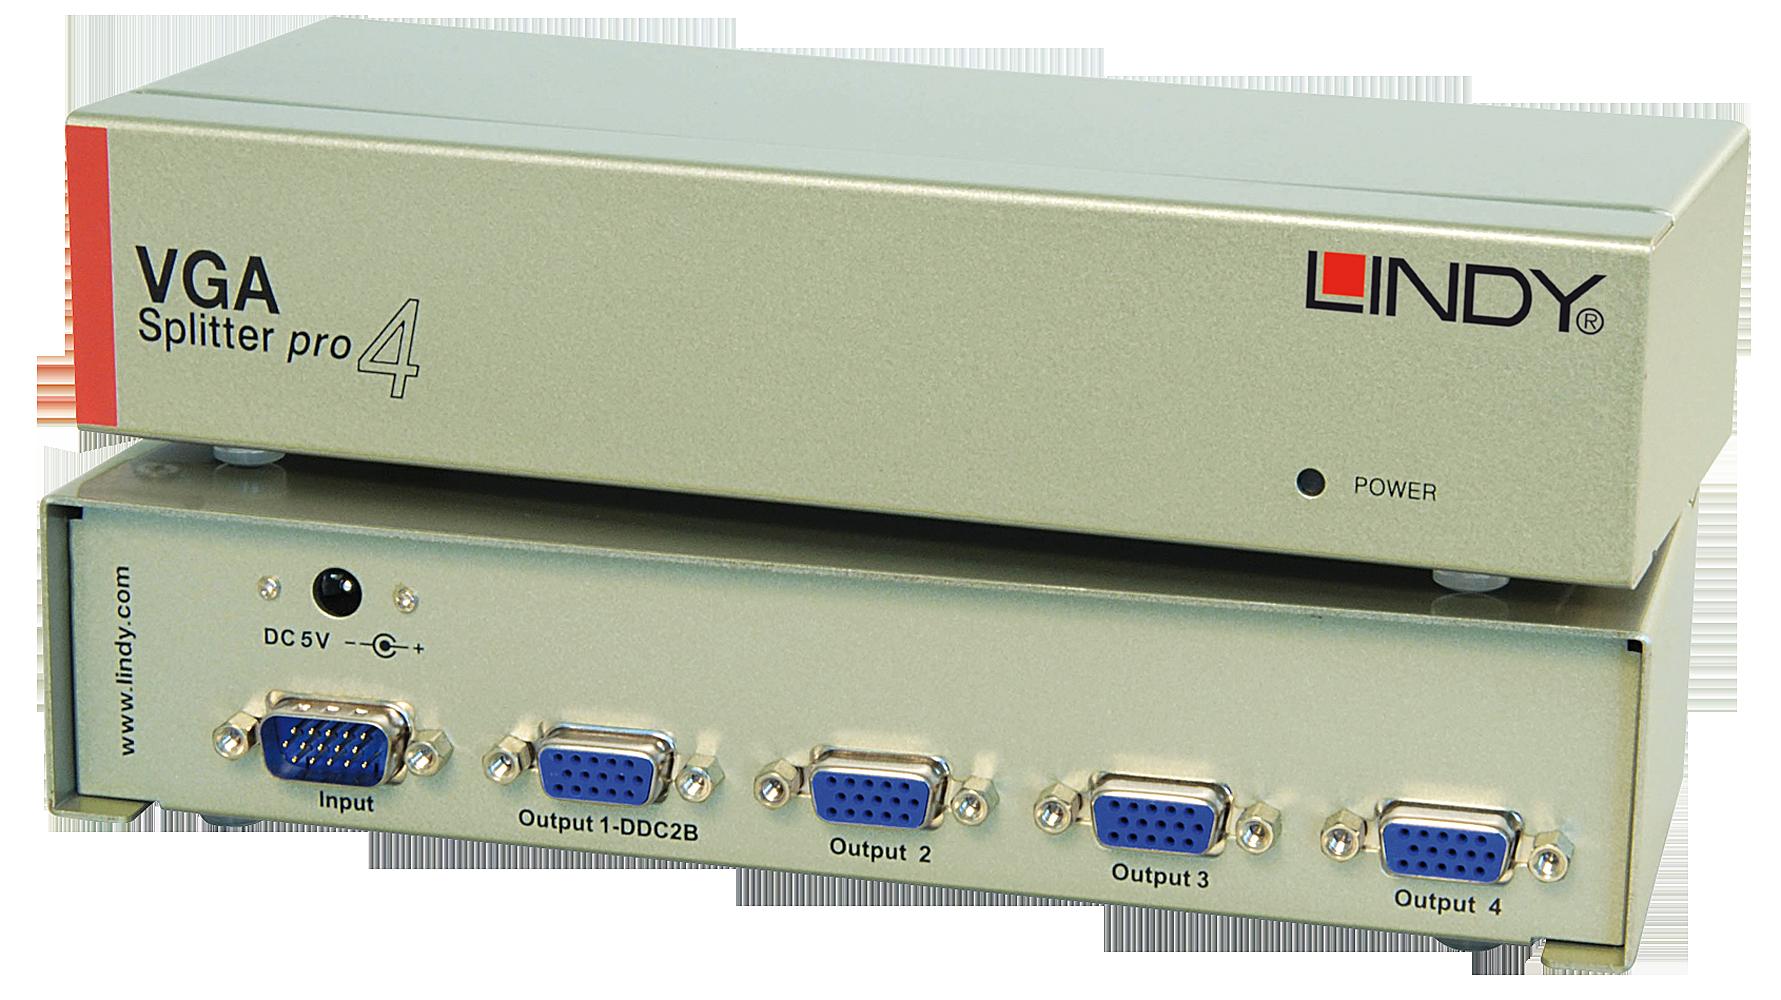 VGA Splitter PRO, 4 Port